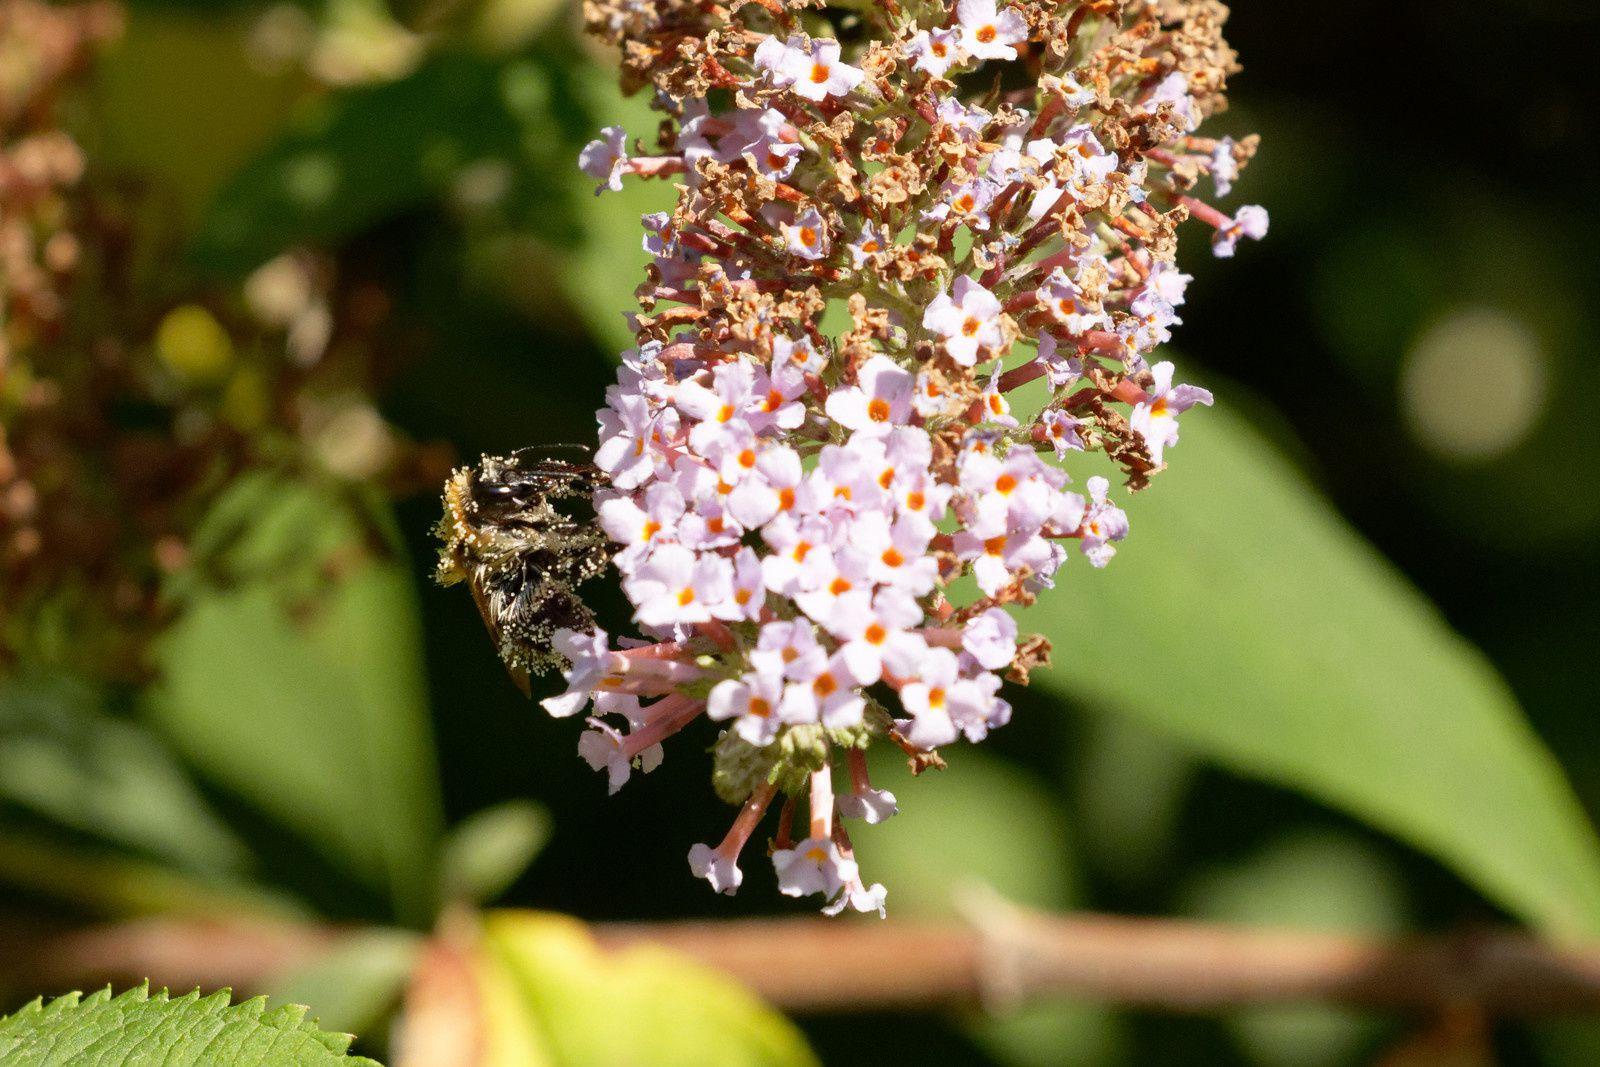 Abeille ou Bourdon avec du nectar aux extrémités de ses poils